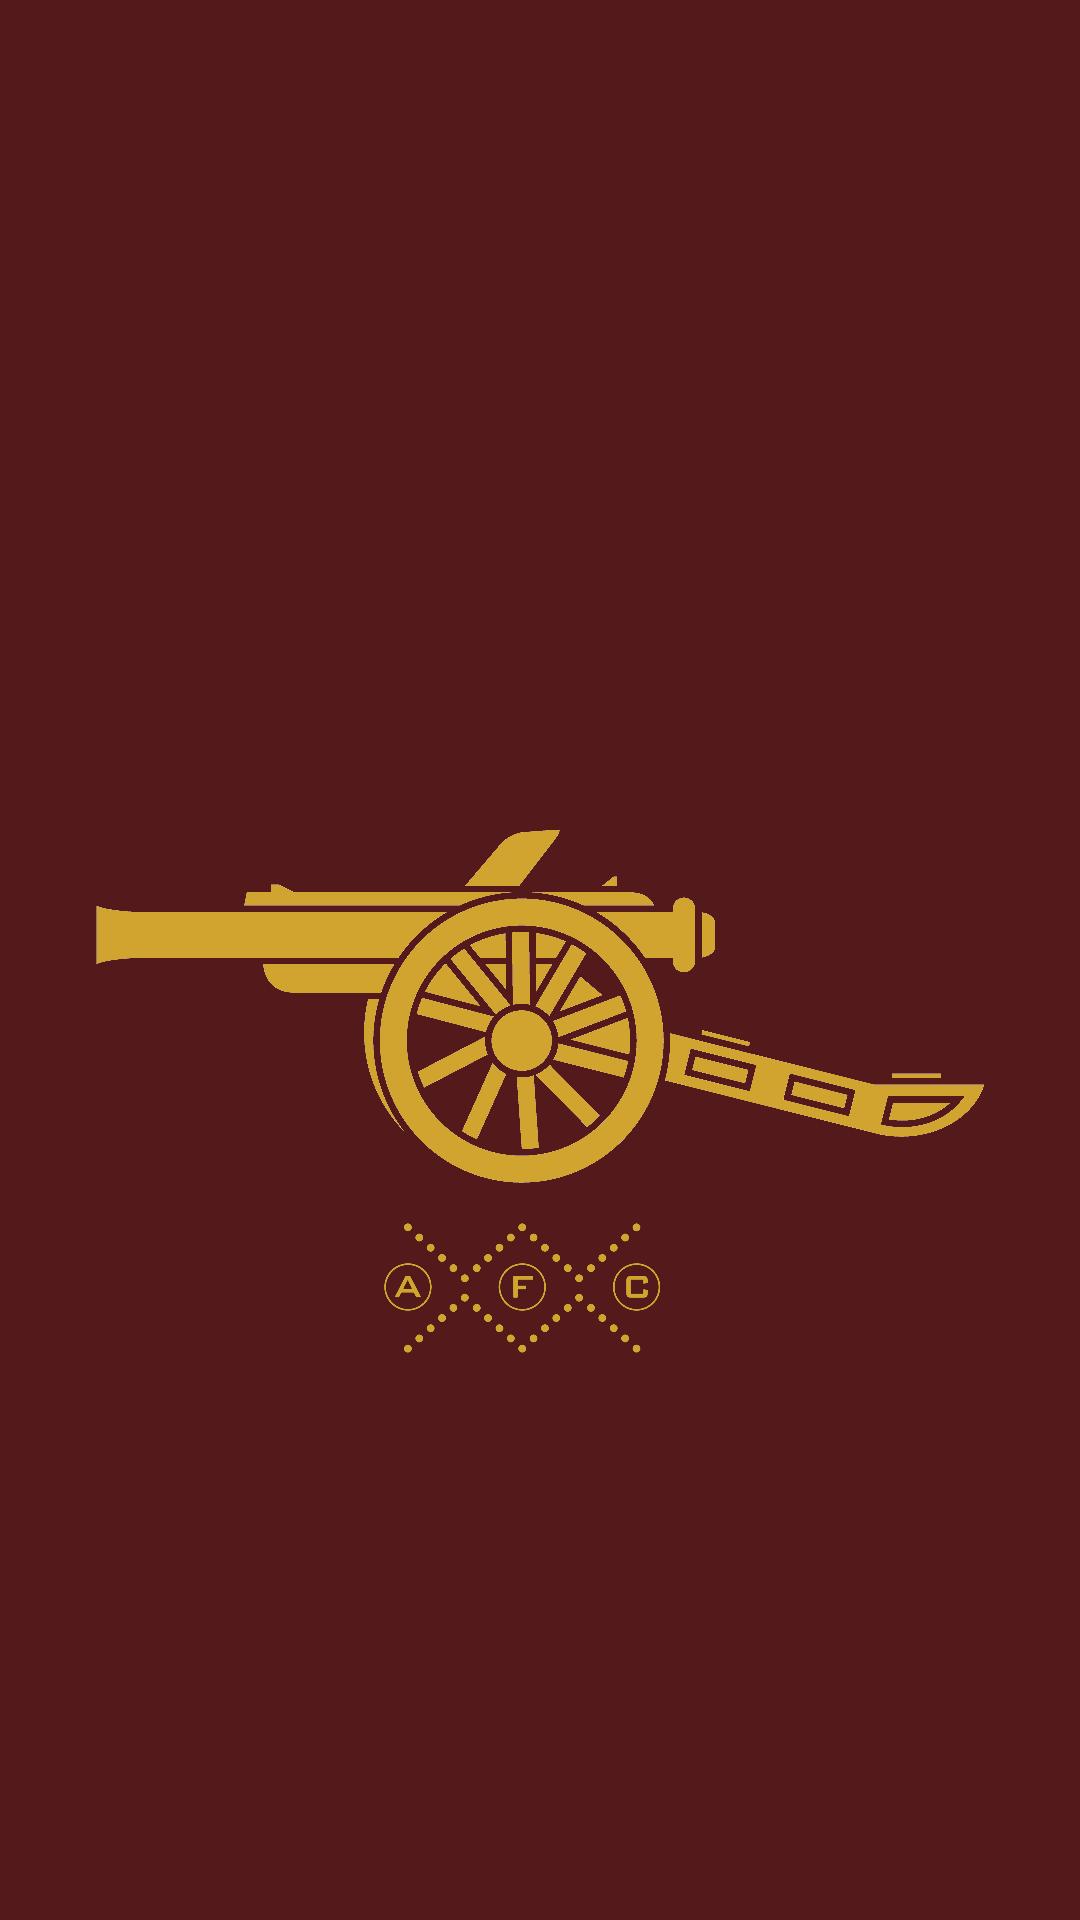 Arsenal Logo HD Wallpaper for Mobile   PixelsTalk.Net